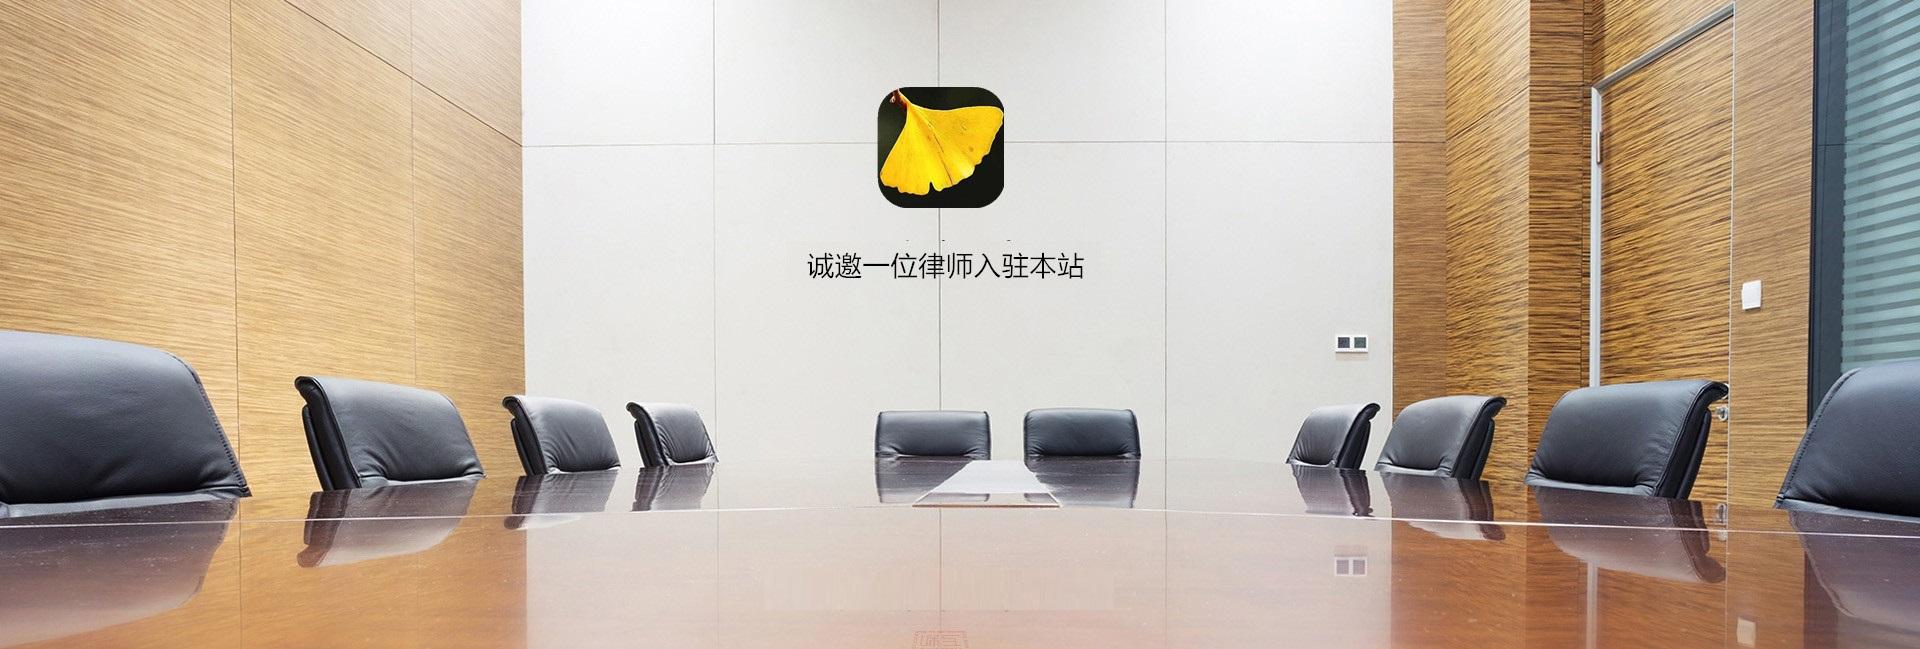 东莞劳动纠纷律师大图二